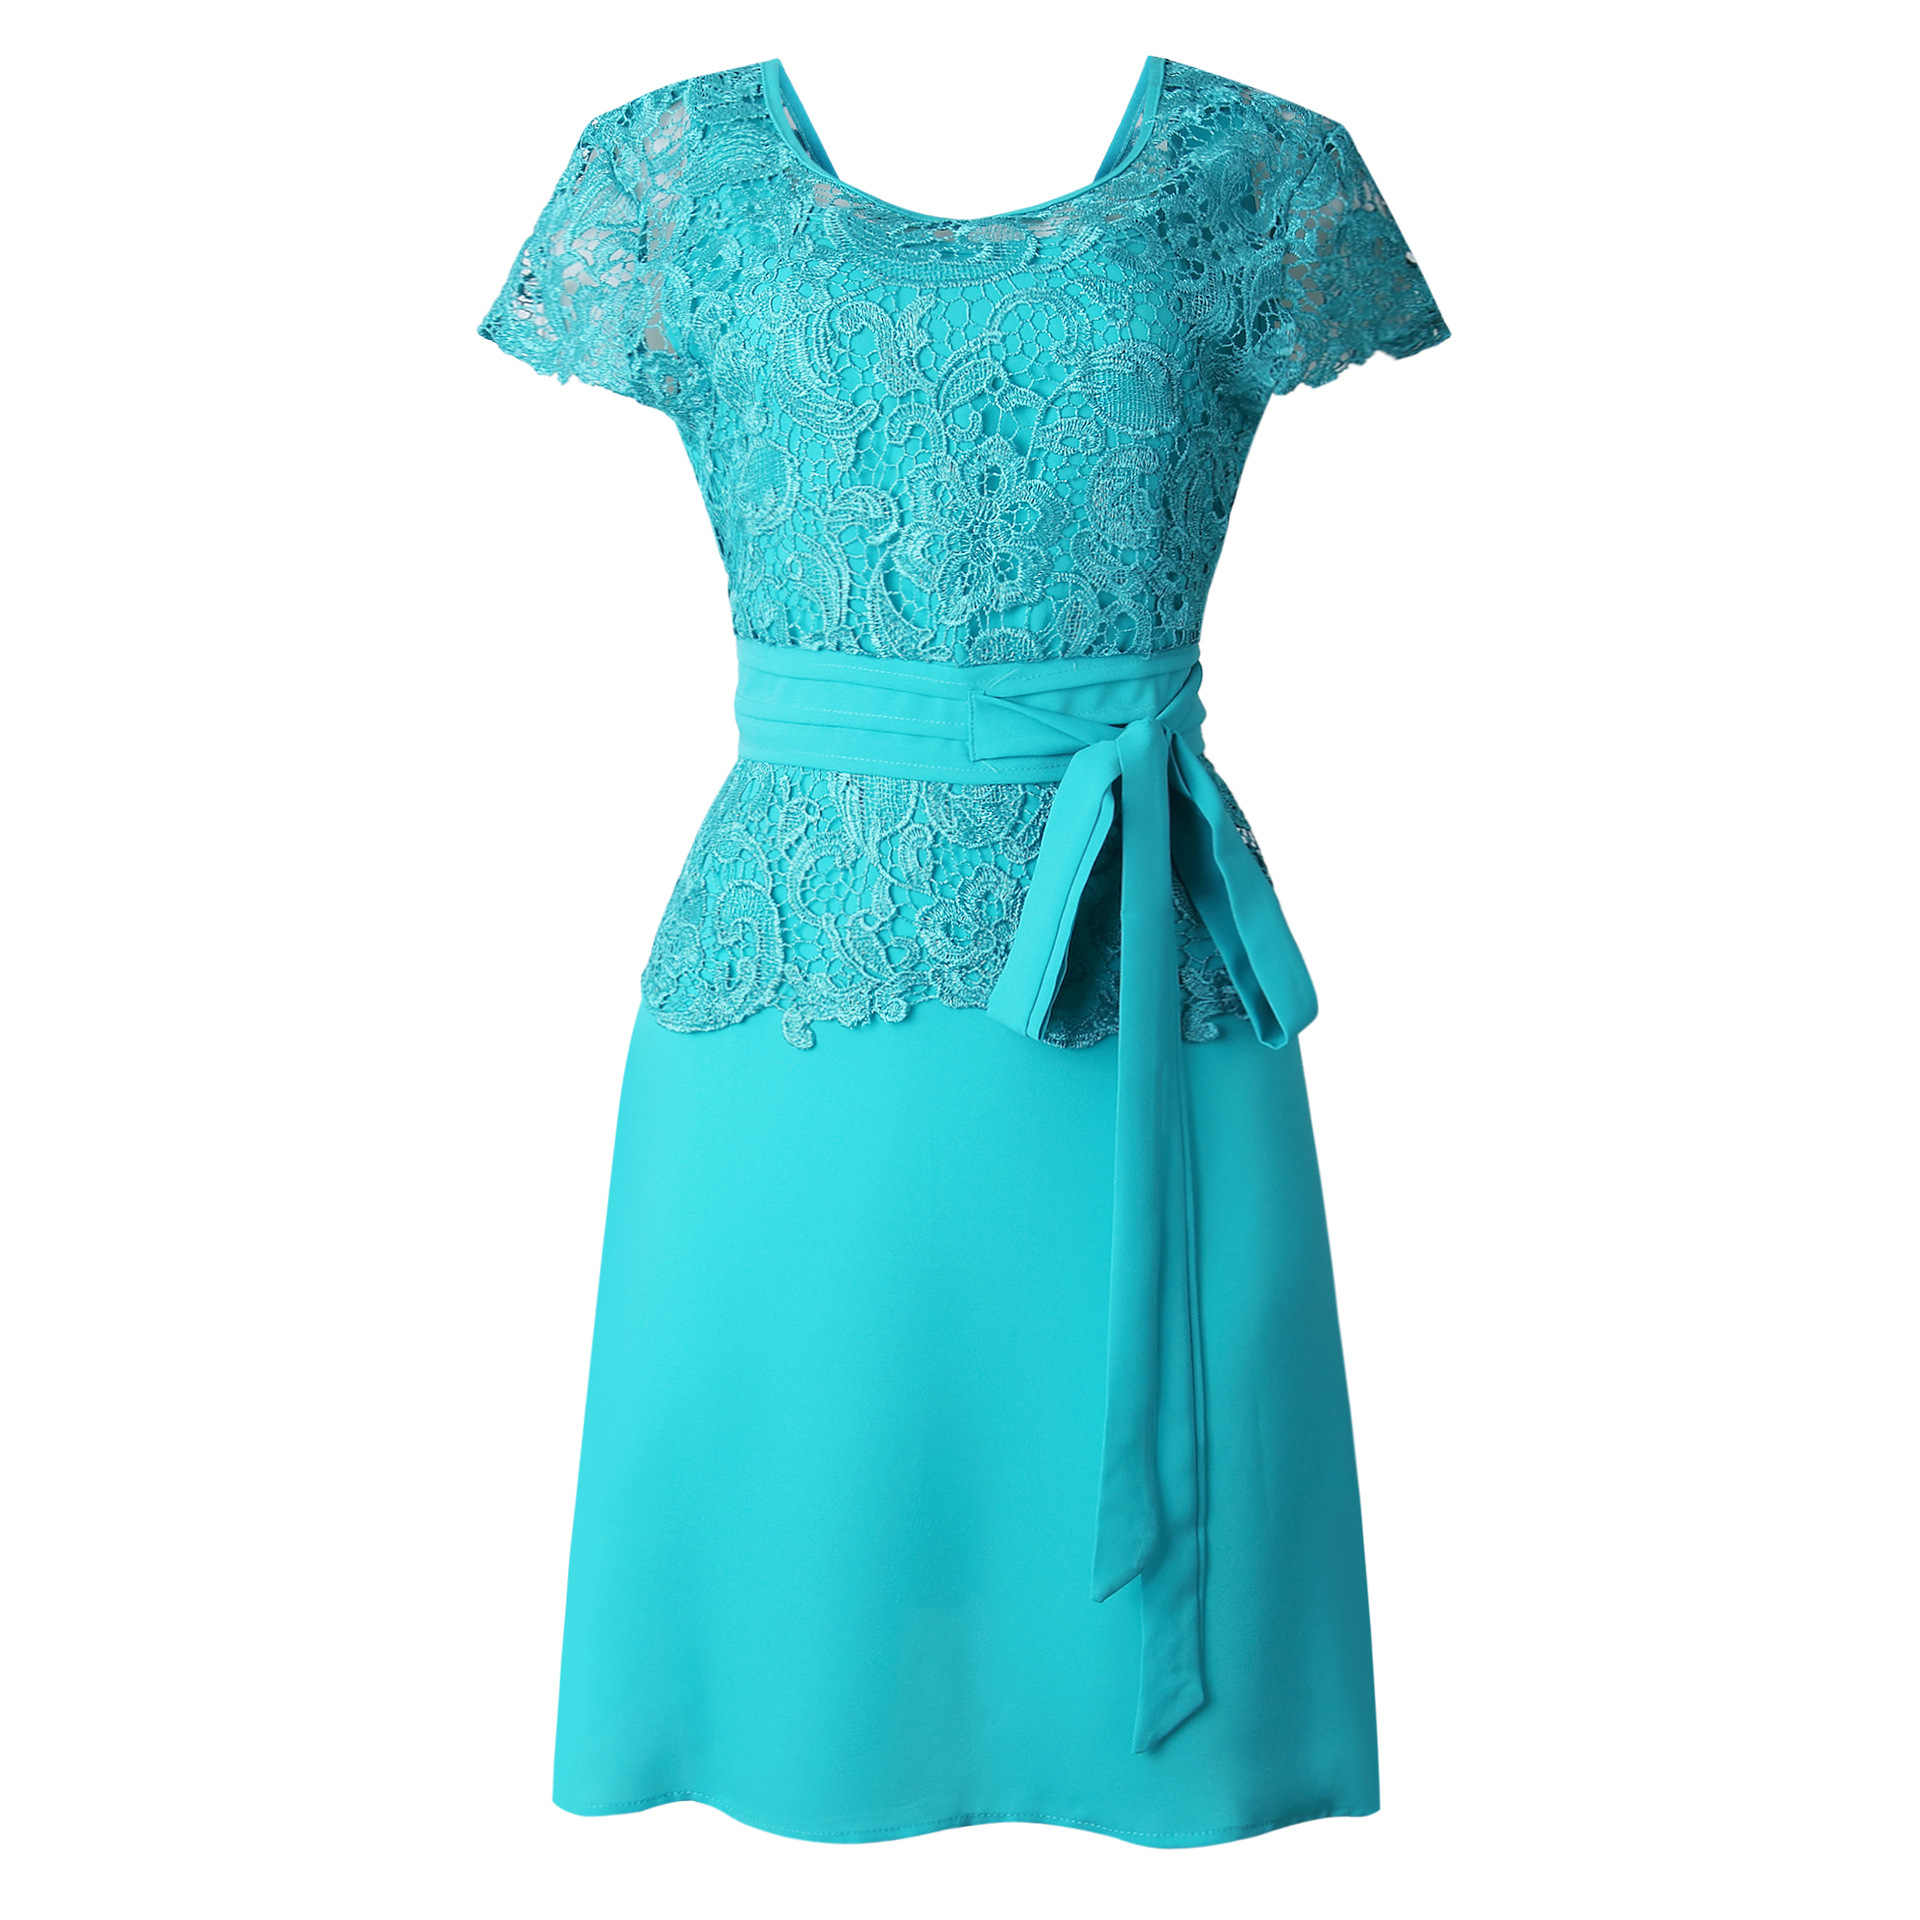 Офисное женское однотонное платье с круглым вырезом, коротким рукавом, высокой талией, трапециевидной формы, длиной до колена, женское платье с вышивкой, 3 цвета, DR002G